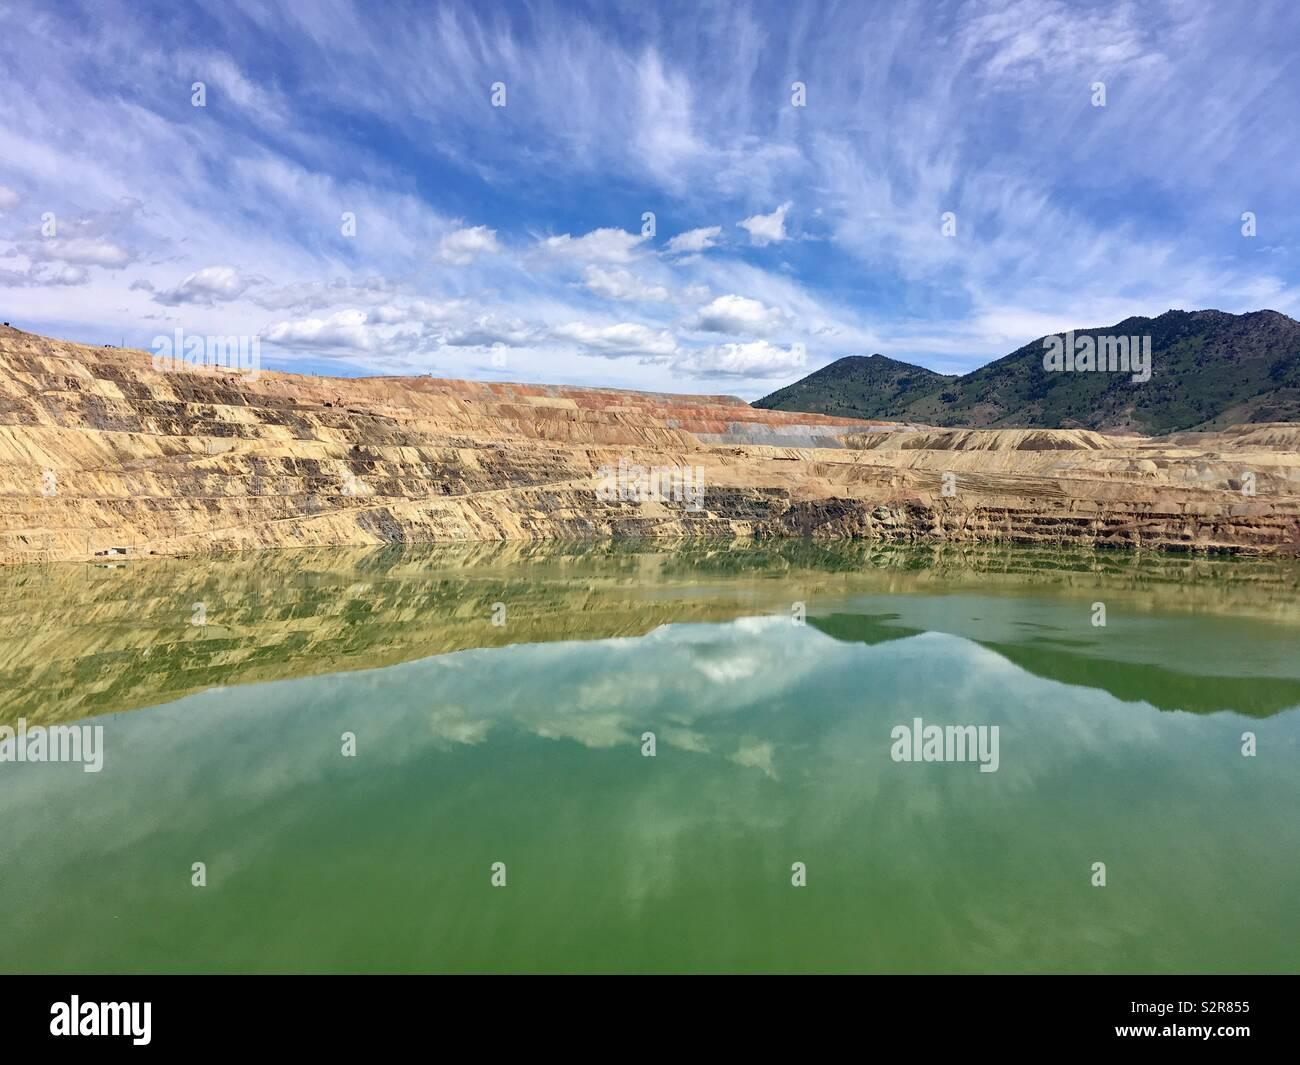 El Berkeley Pit en Butte, Montana. Imagen De Stock